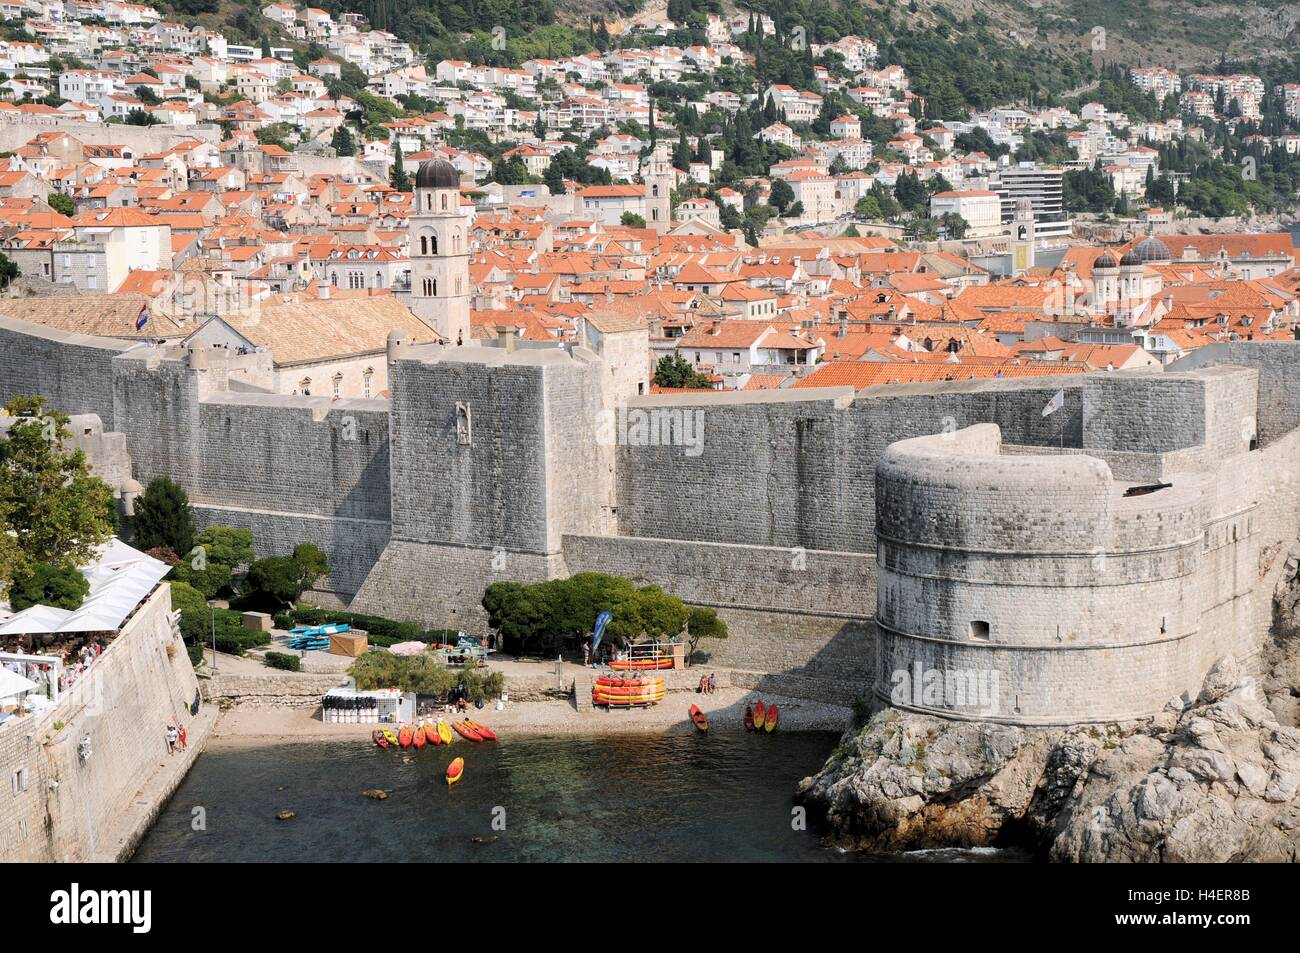 Die alte Stadt von Dubrovnik, Kroatien Stockbild